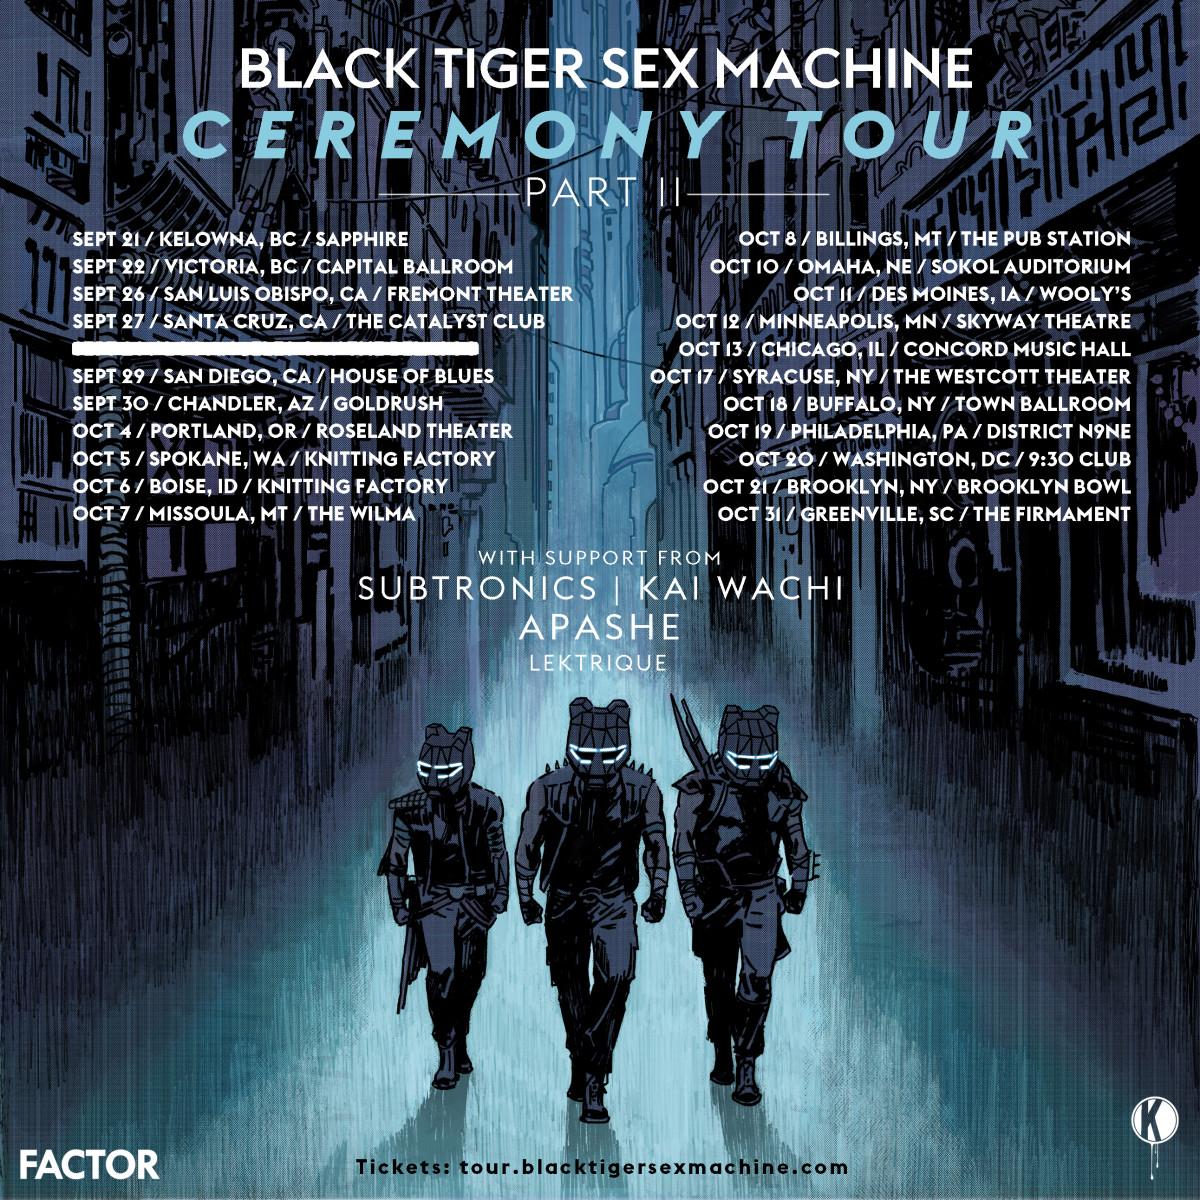 Black Tiger Sex Machine (BTSM) Ceremony Tour